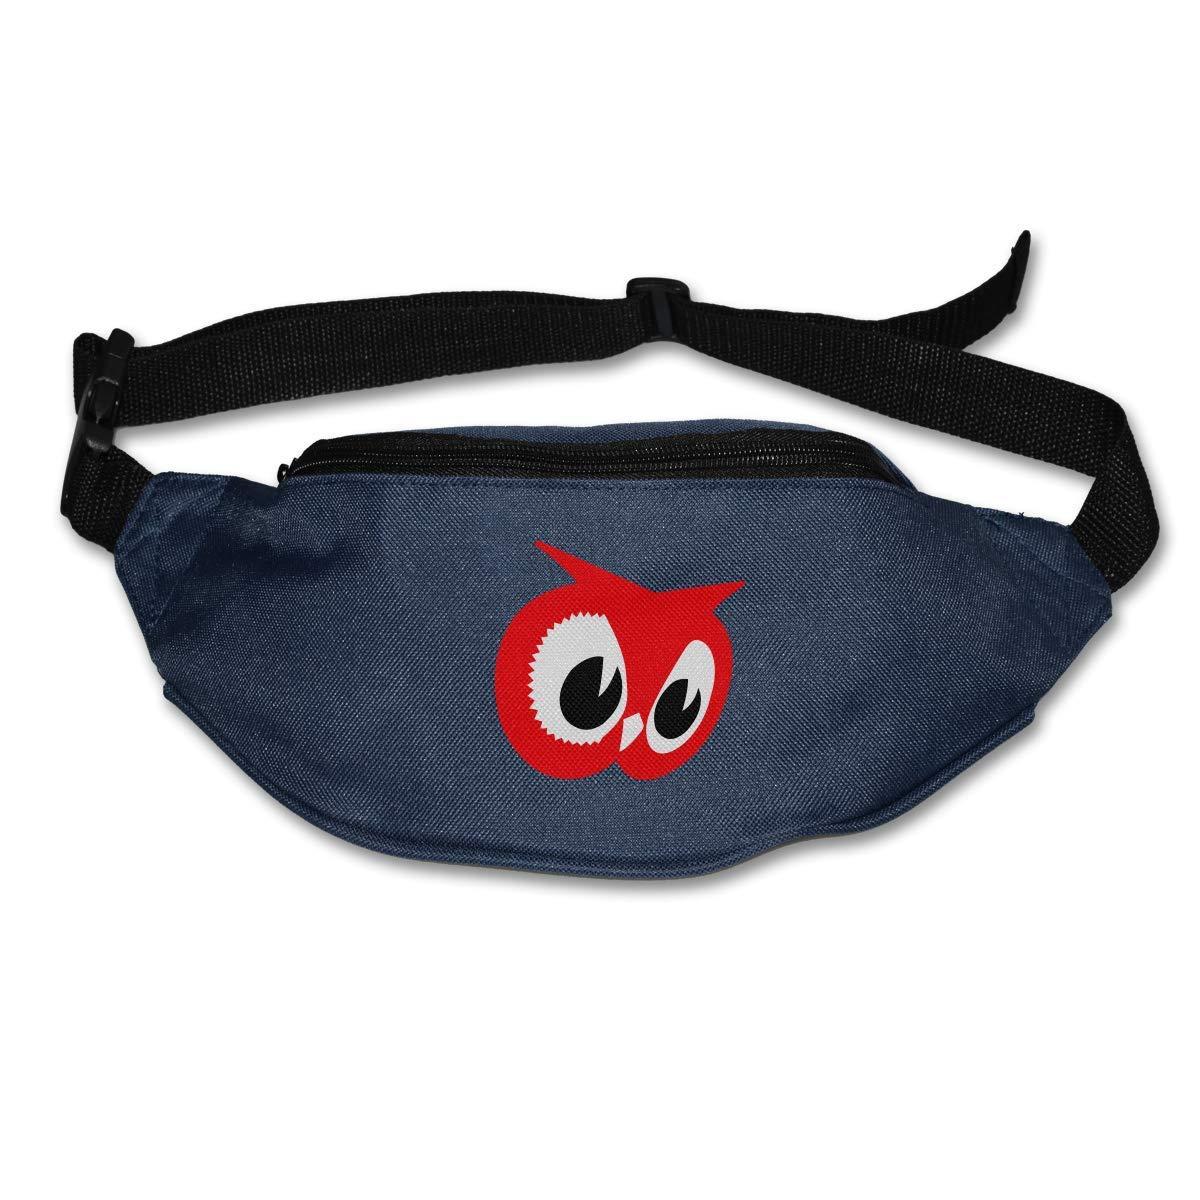 Waist Purse Cute Red Owl Head Unisex Outdoor Sports Pouch Fitness Runners Waist Bags